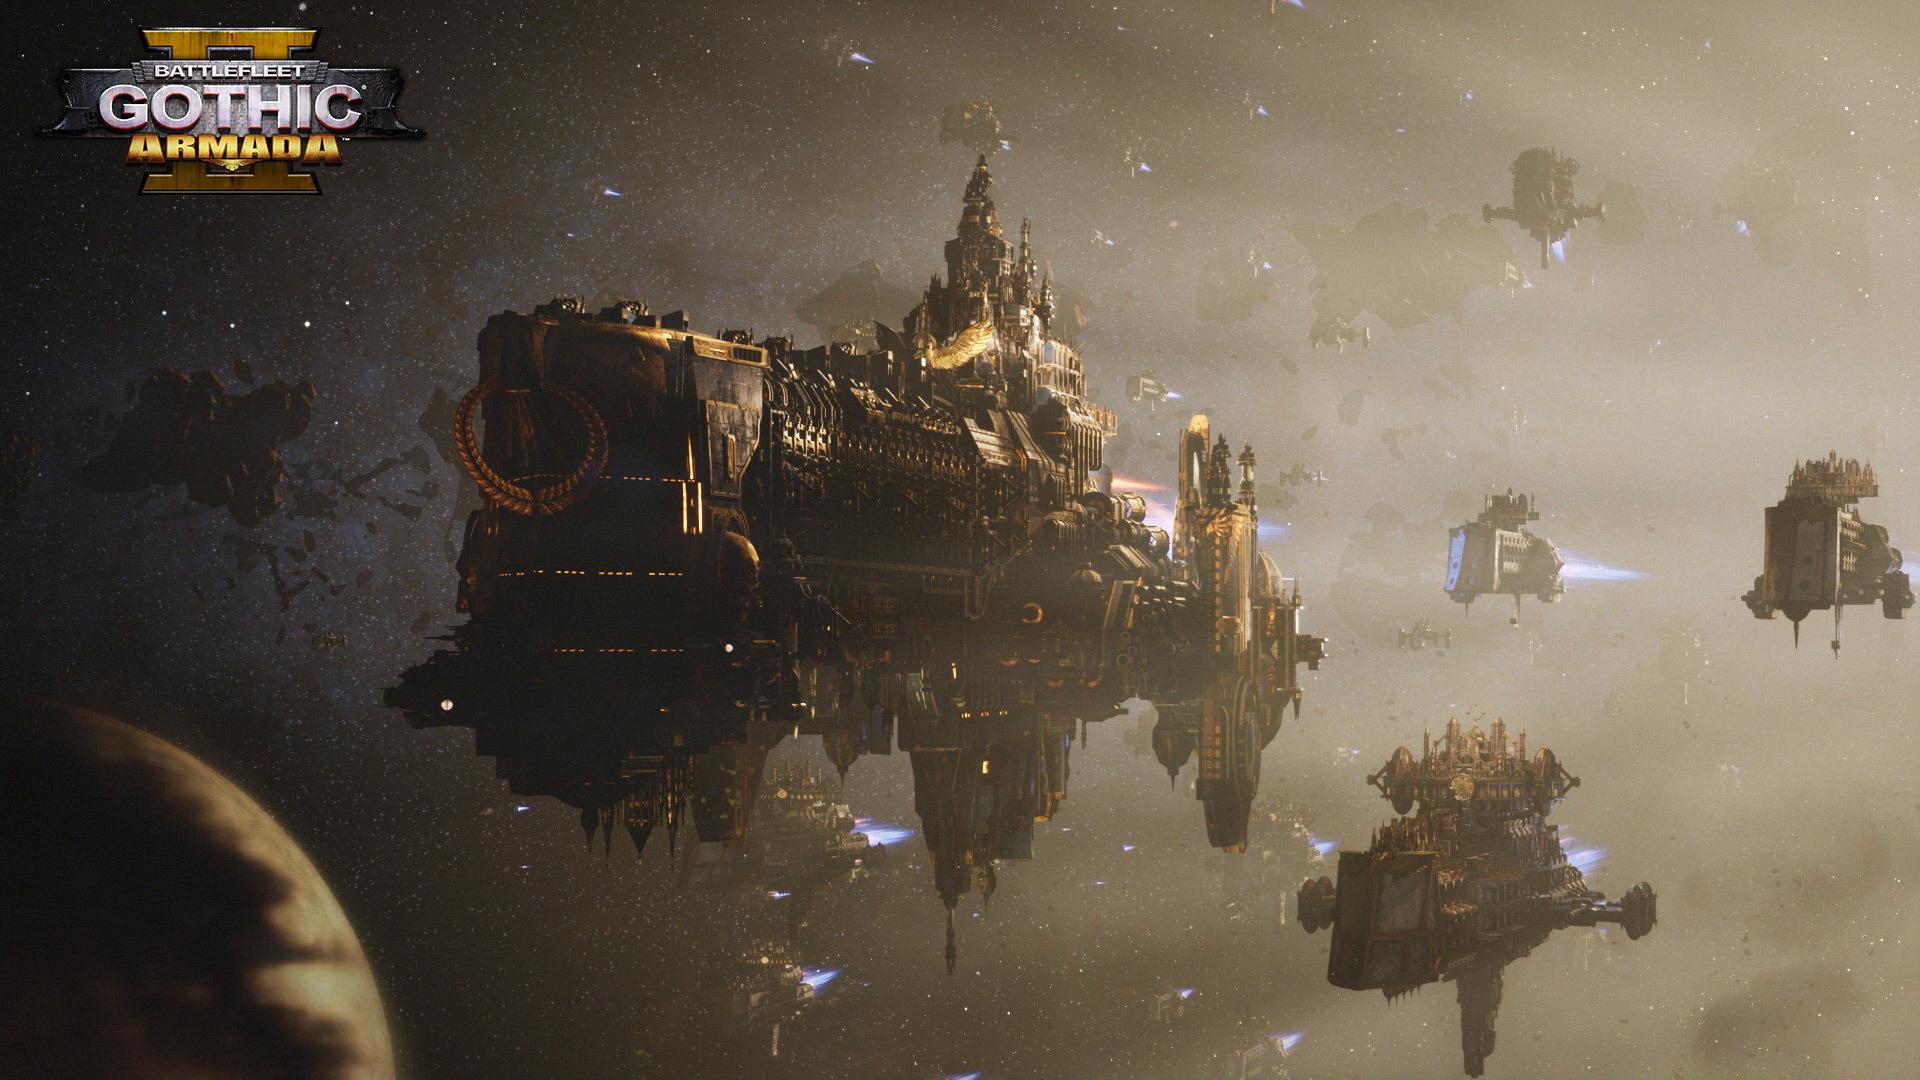 <b>《哥特舰队:阿玛达2》新情报 战斗比一代更庞大激烈</b>